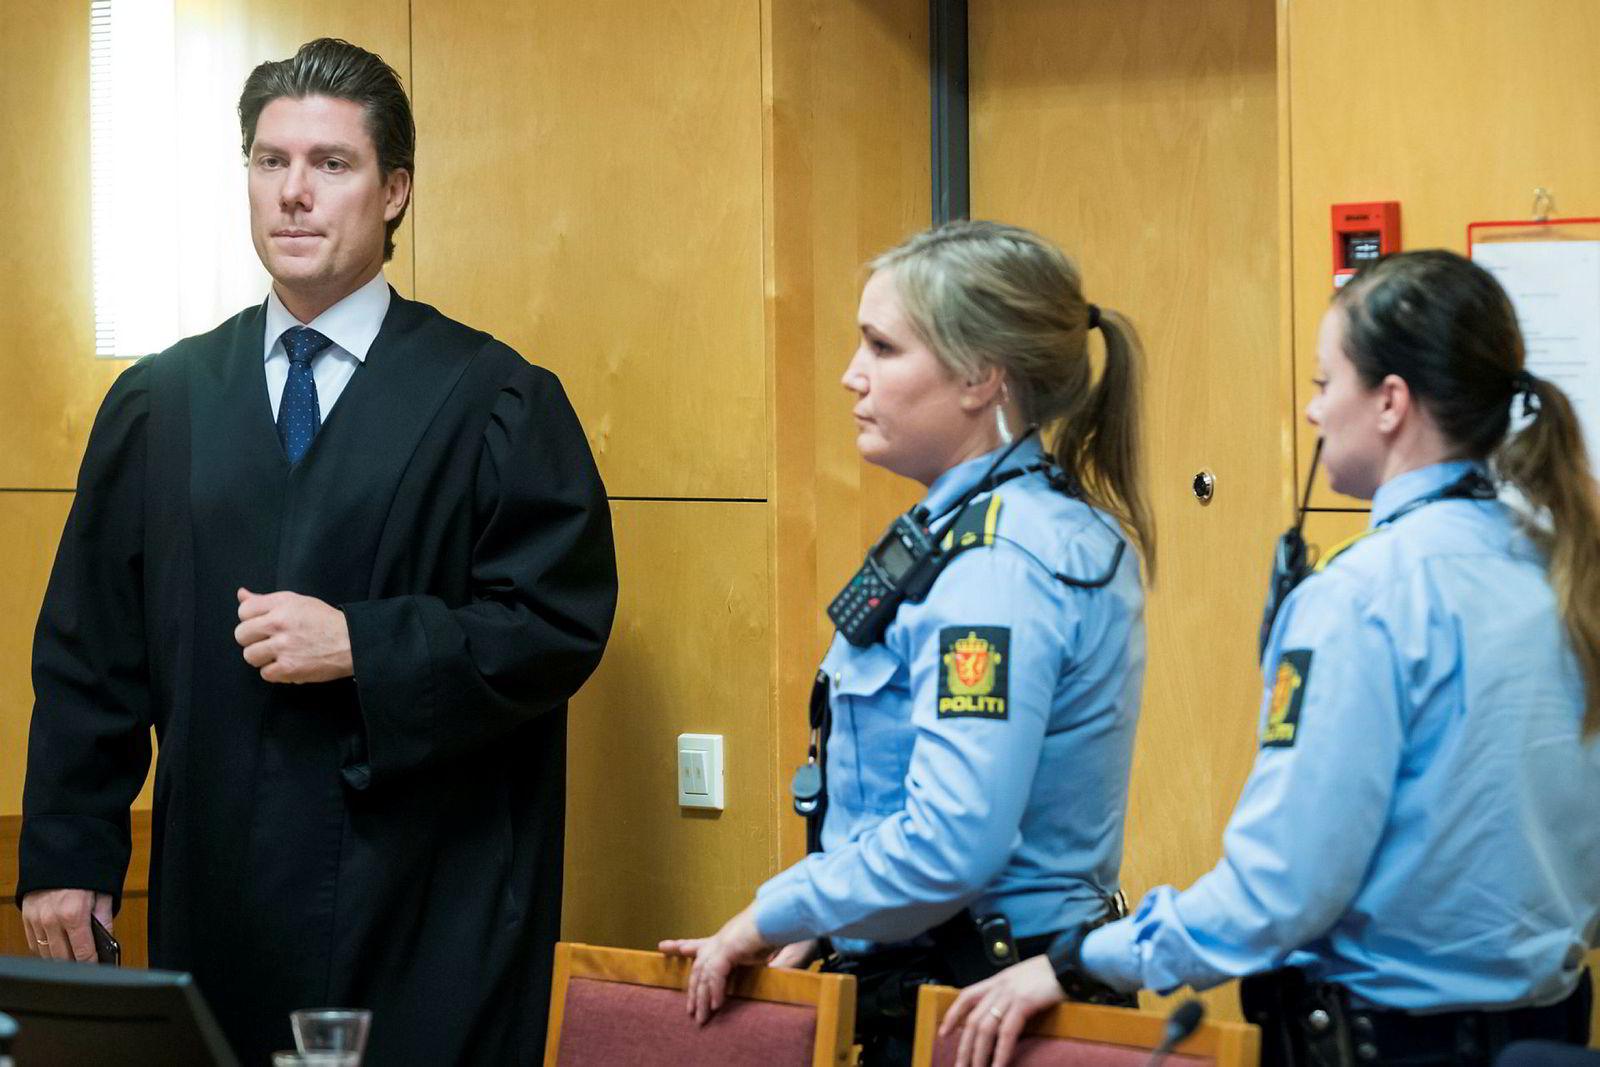 Advokat Christian Flemmen Johansen er partner i advokatfirmaet Elden. Han er også kjent som forsvarer for Janne Jemtlands drapstiltalte ektemann. Her fra rettssalen i Hedmarken tingrett tirsdag.